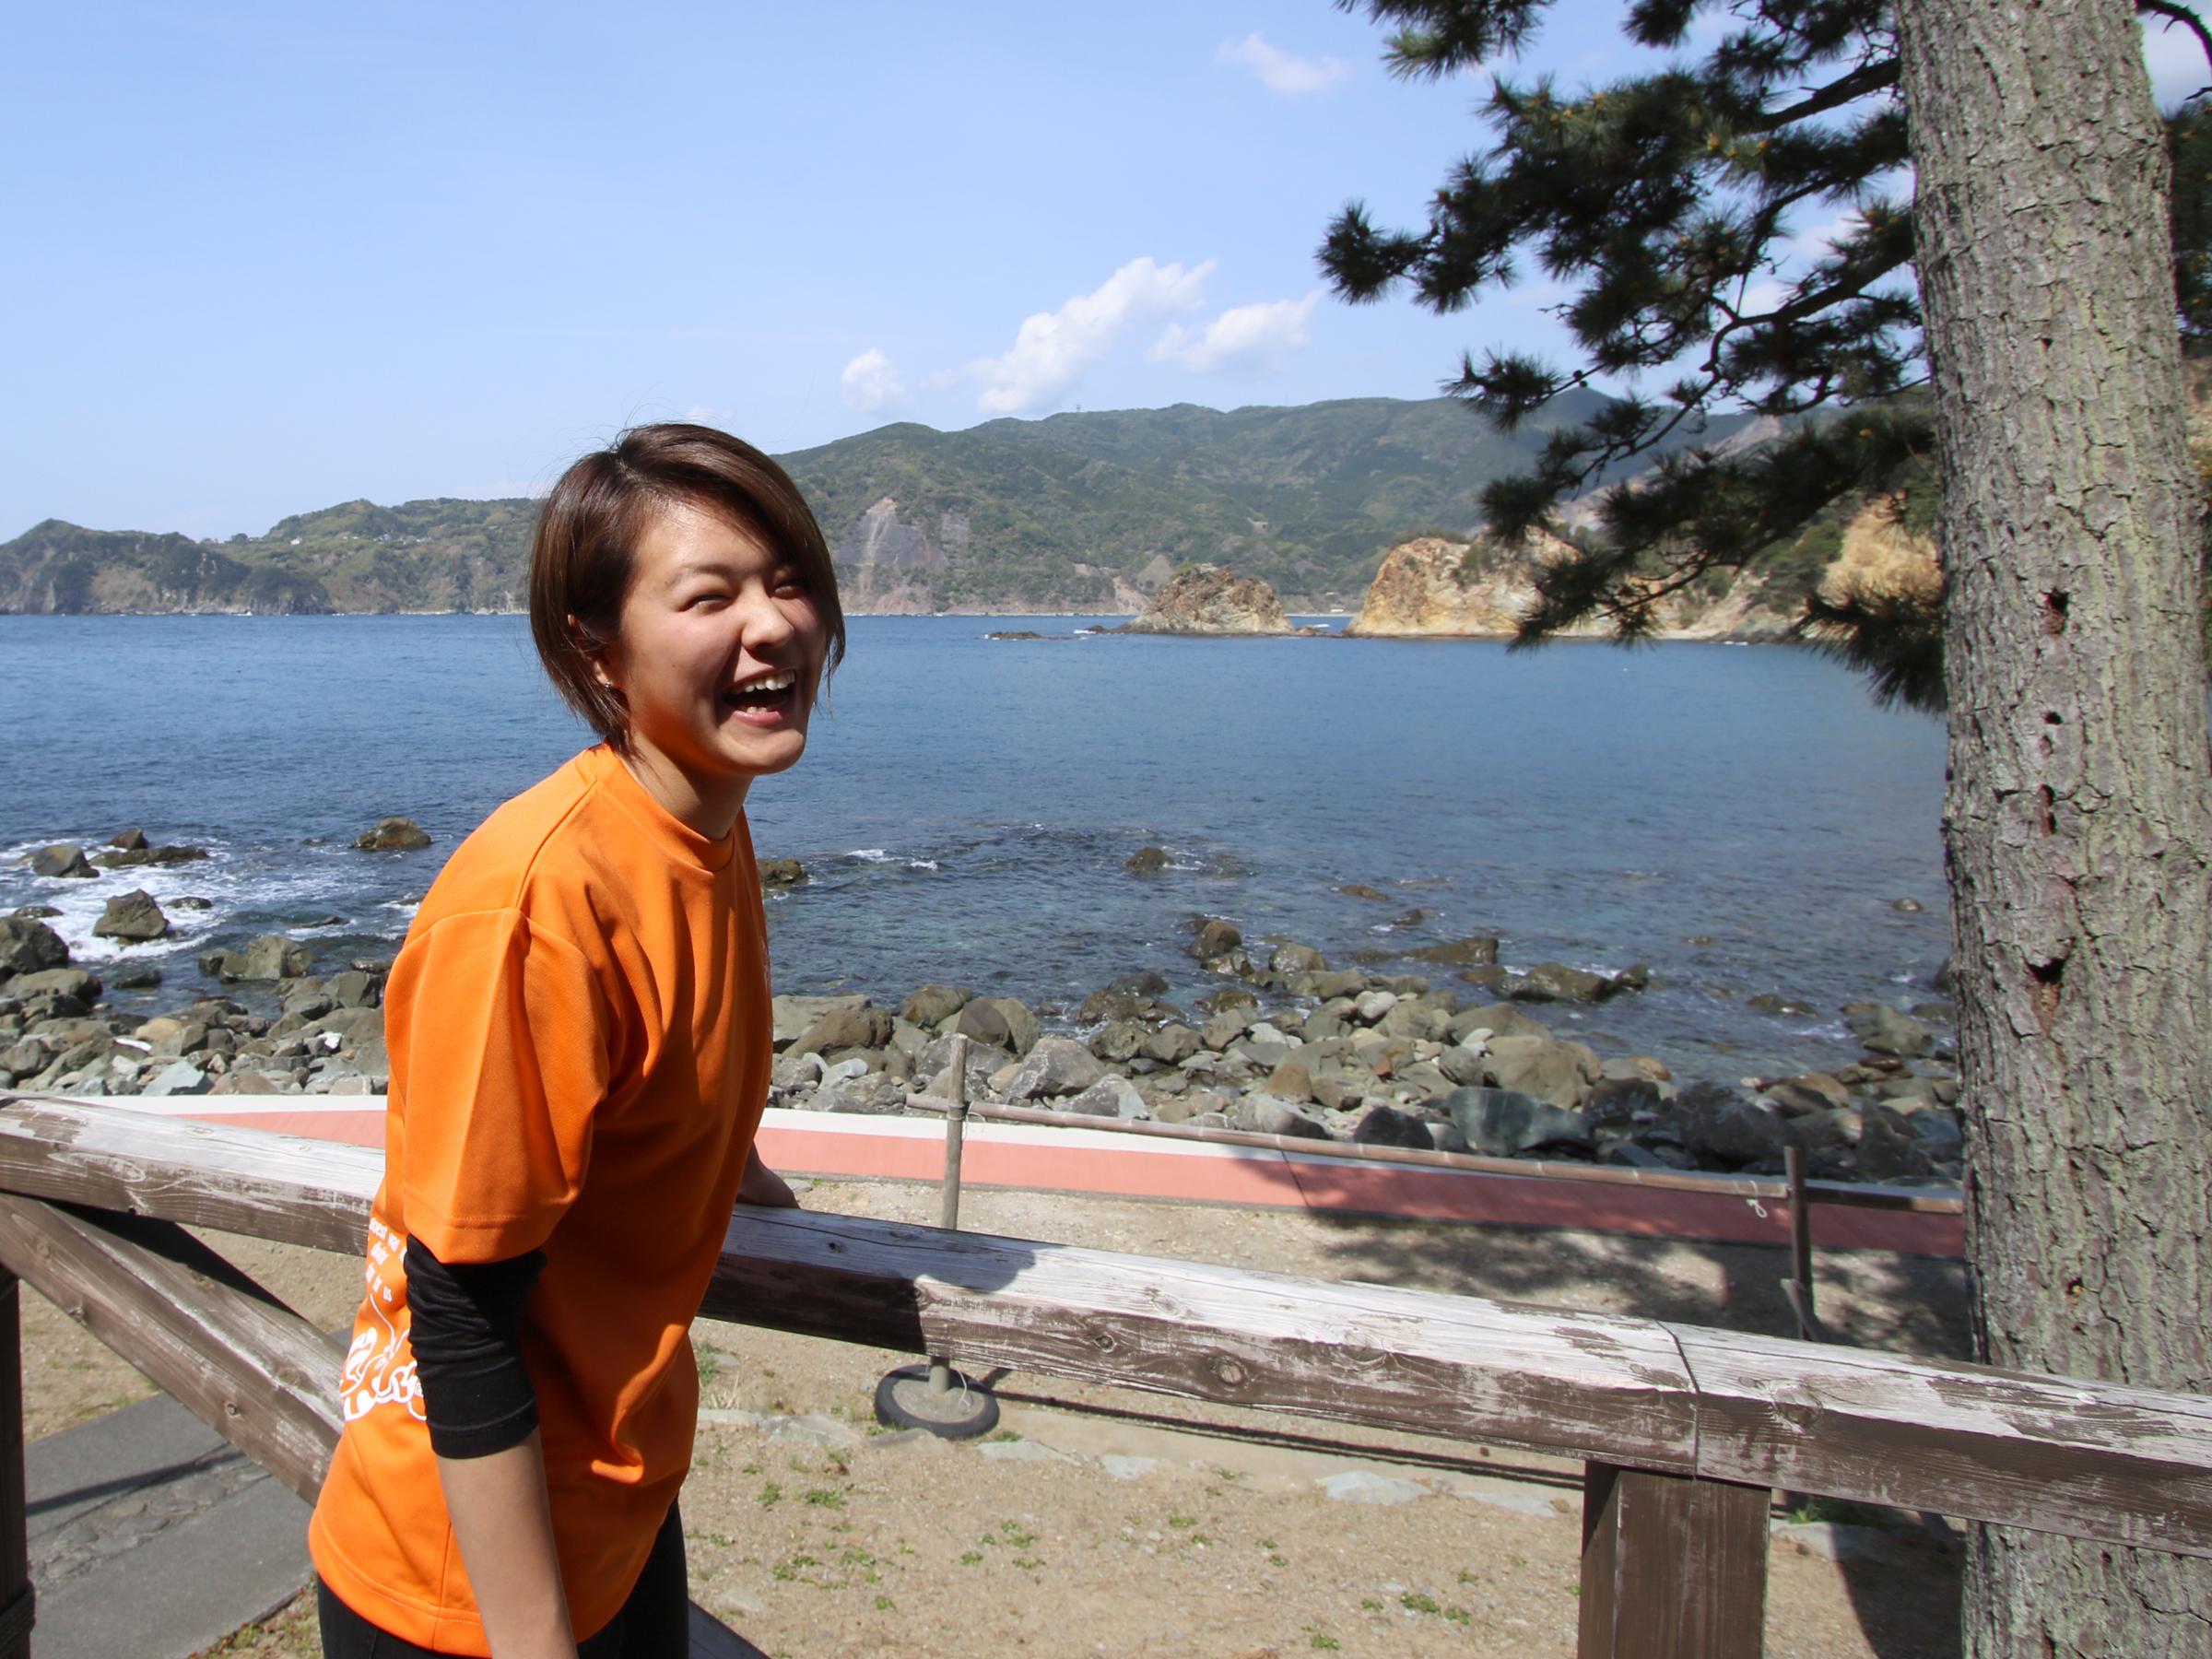 マイ:静岡県西伊豆町黄金崎公園ビーチのダイビングで見れました。ここはダイビングはもちろんシュノーケリング(スノーケリング)や体験ダイビングも楽しめる絶景ポイントです。